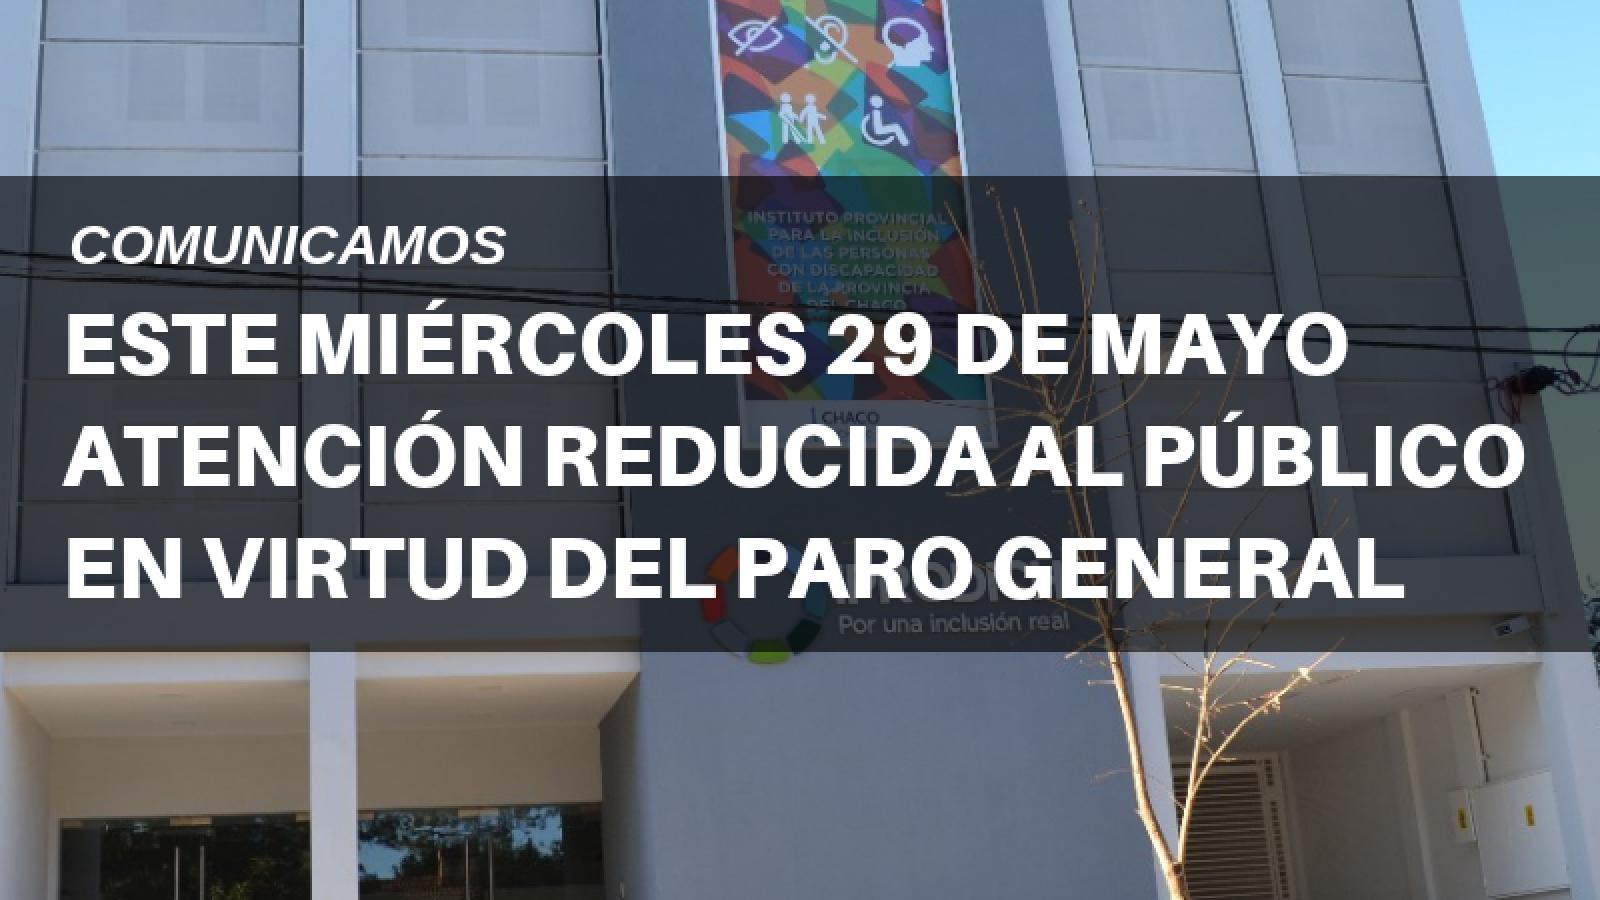 PARO GENERAL: IPRODICH CON ATENCIÓN REDUCIDA ESTE MIÉRCOLES 29 DE MAYO